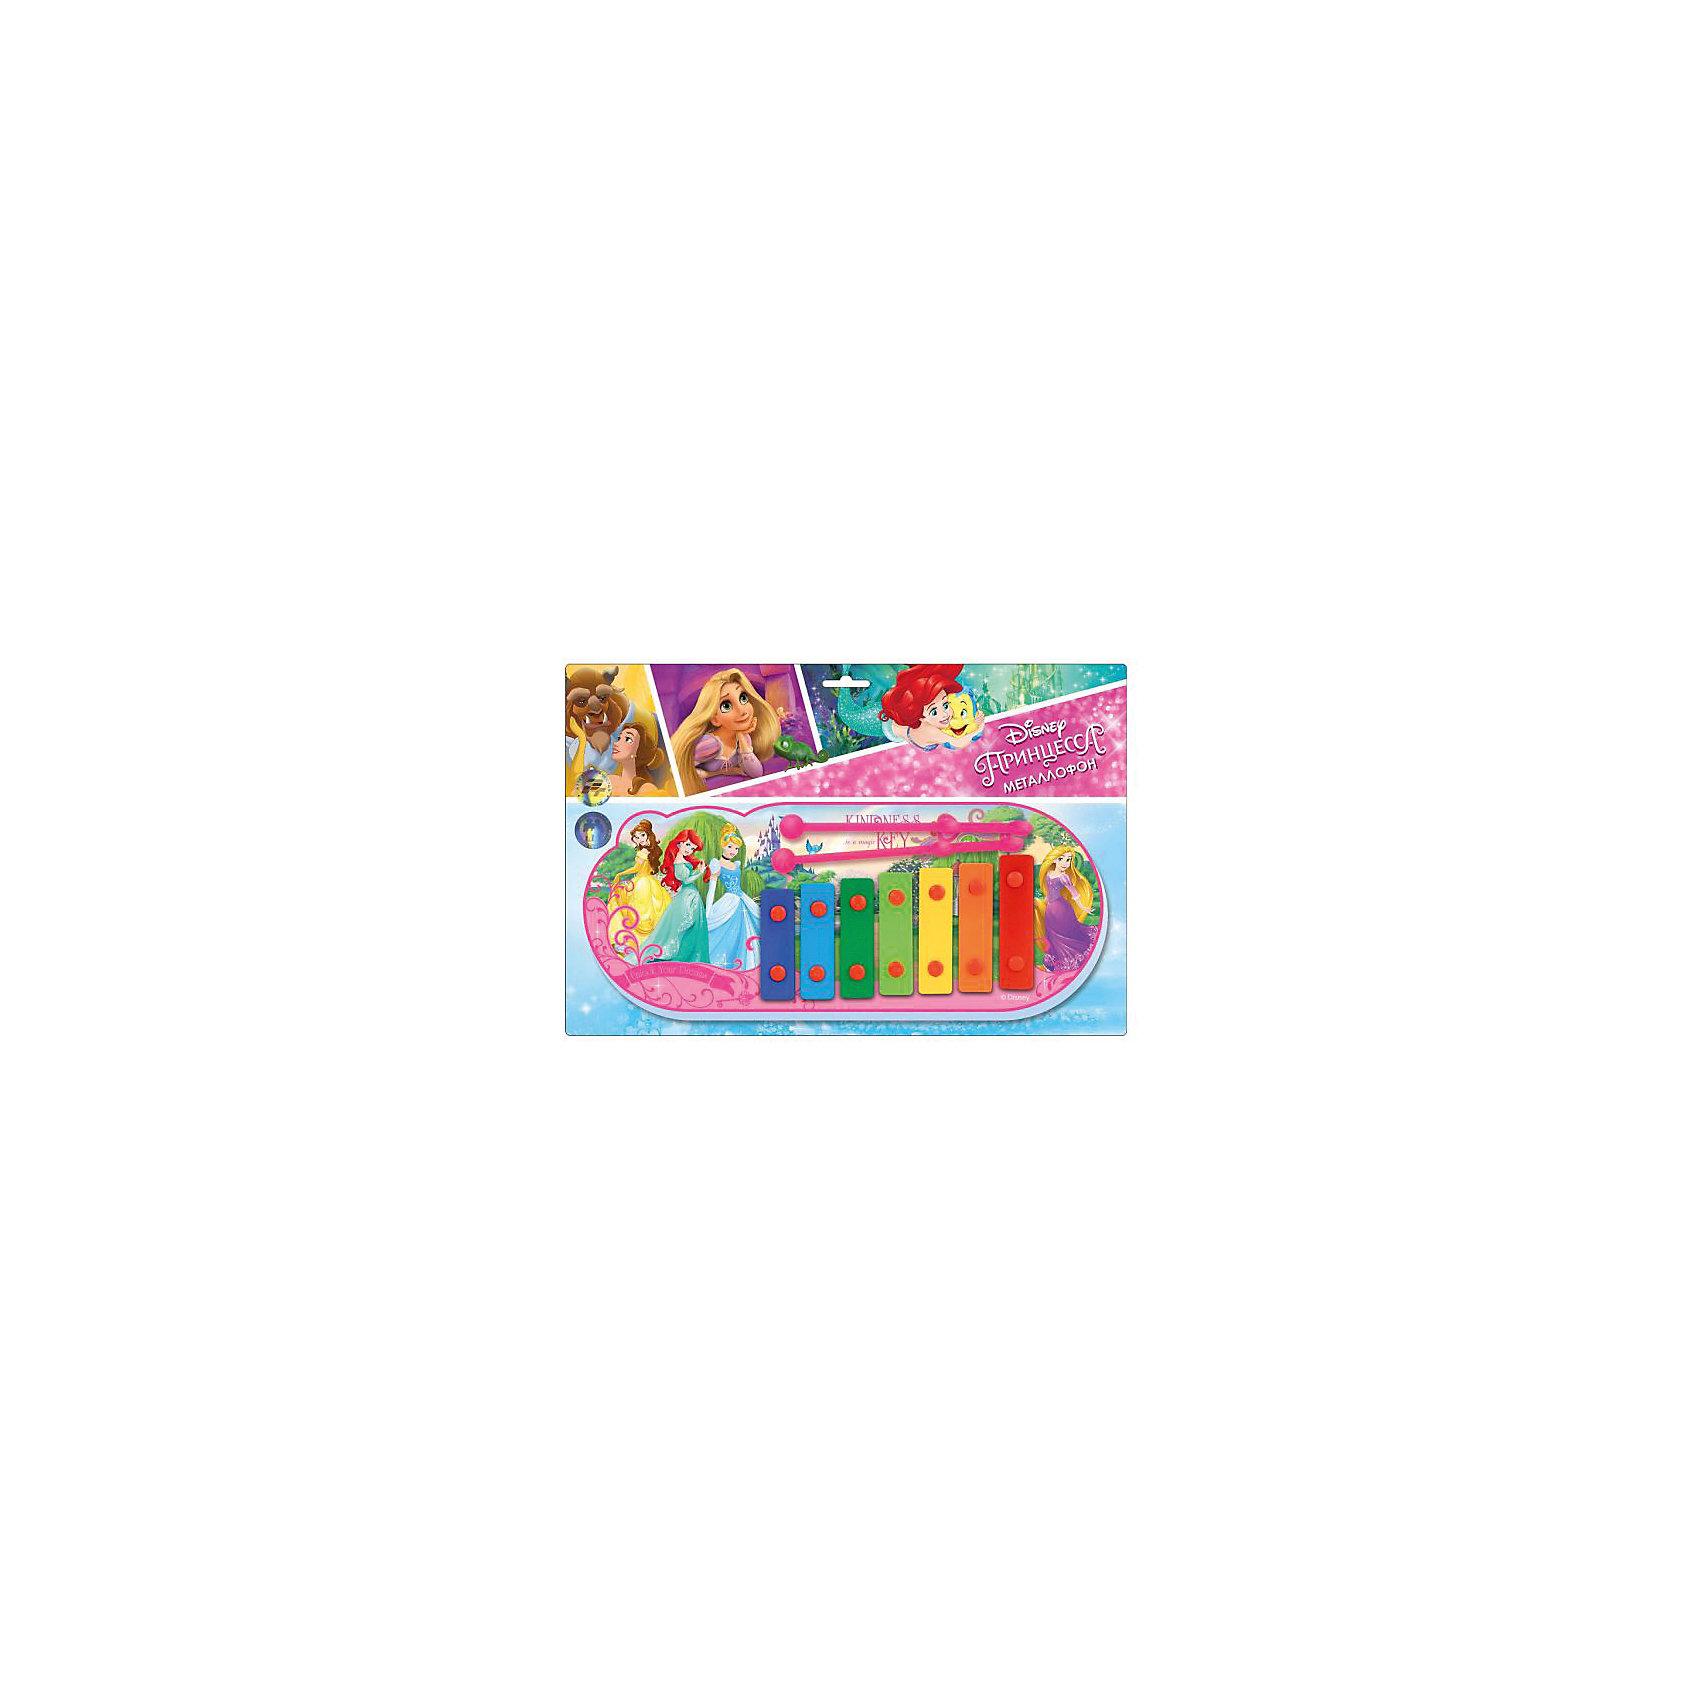 Металлофон Принцесса Дисней, УмкаПопулярные игрушки<br>Металлофон Принцесса Дисней -это уникальная возможность развития музыкального слуха ребёнка. Ребёнок сможет запоминать звучание тех или иных звуков и сочинять собственные мелодии. В металлофон станет играть ещё интереснее,ведь на нём изображены любимые героини Диснеевских мультфильмов:Бэль, Рапунцель, Ариэль,Золушка и София- героиня мультфильма София прекрасная.<br><br>Дополнительная информация:<br>-Размер:30 см<br>-Вес:290 г<br>-Возраст: от 3 лет<br>-Марка: Умка<br><br>Металлофон Принцесса Дисней, Умка можно приобрести в нашем интернет-магазине.<br><br>Ширина мм: 30<br>Глубина мм: 250<br>Высота мм: 380<br>Вес г: 290<br>Возраст от месяцев: 36<br>Возраст до месяцев: 2147483647<br>Пол: Женский<br>Возраст: Детский<br>SKU: 5002205